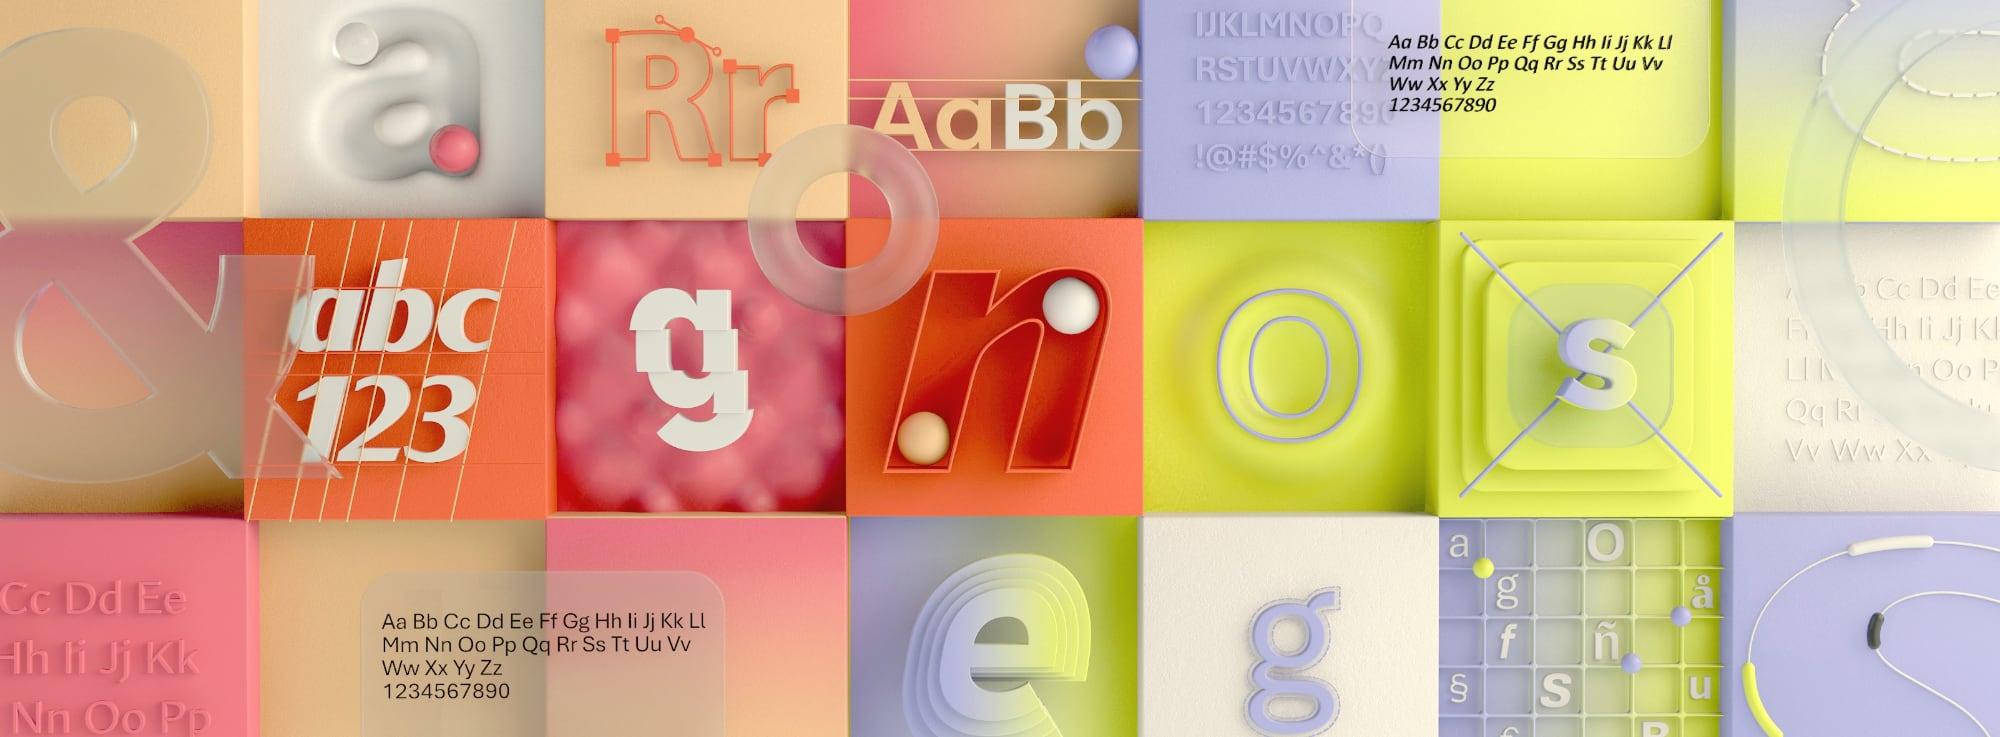 微软正在测试新字体替代Microsoft 365默认字体Calibri